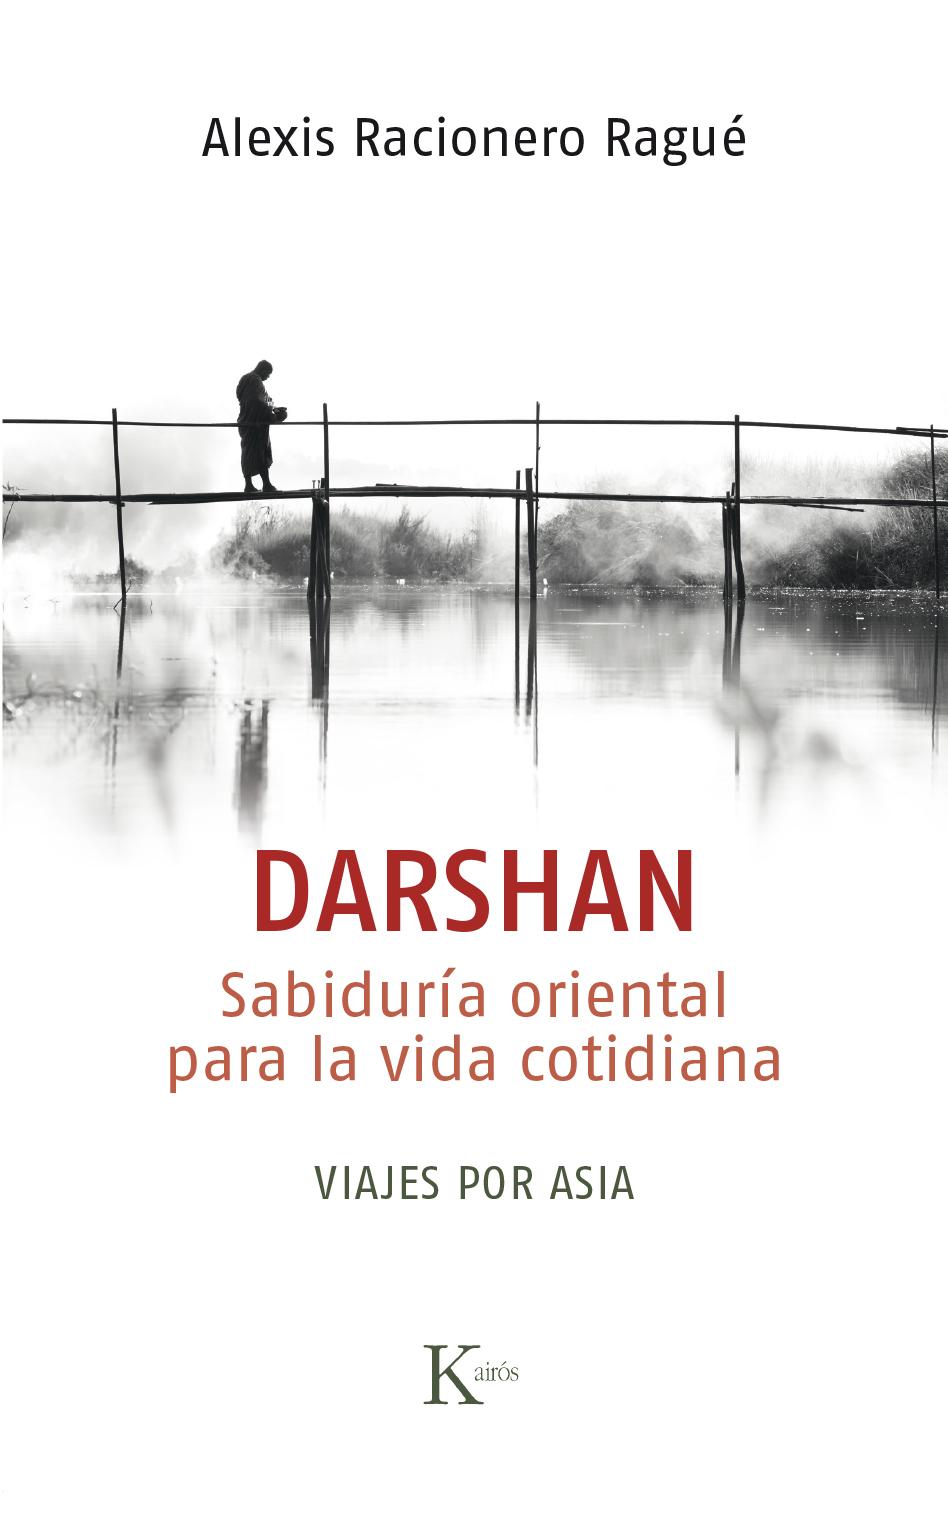 Darshan. Sabiduría oriental para la vida cotidiana.